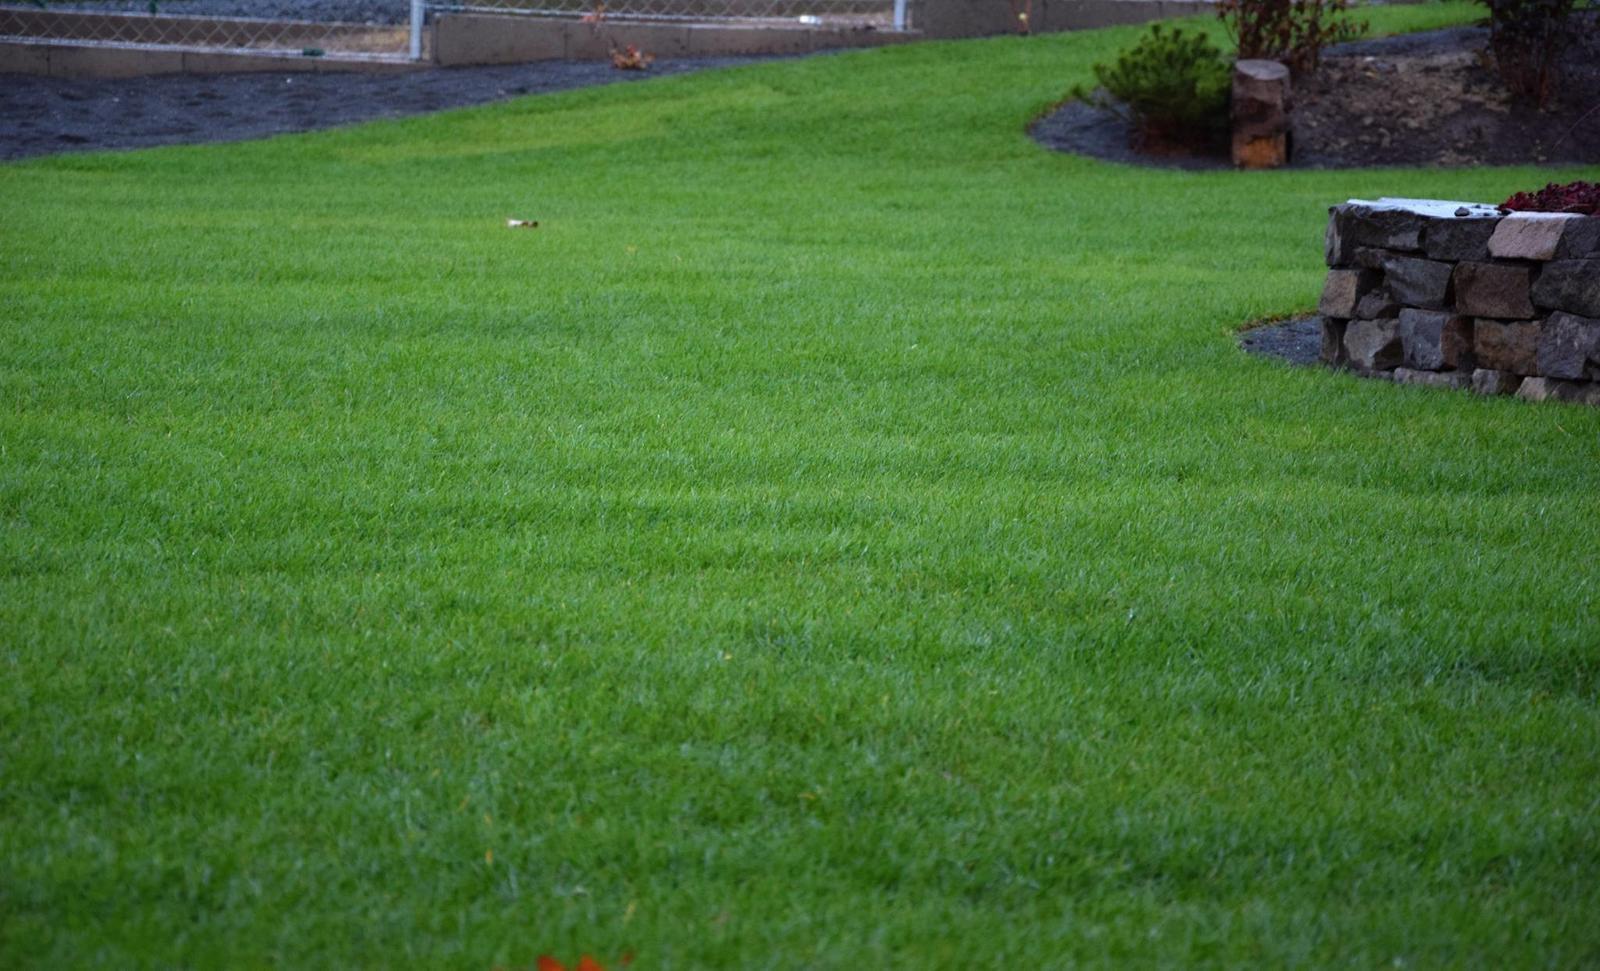 Realizácia a návrh záhrad, závlahové systémy, kosenie... - Obrázok č. 1